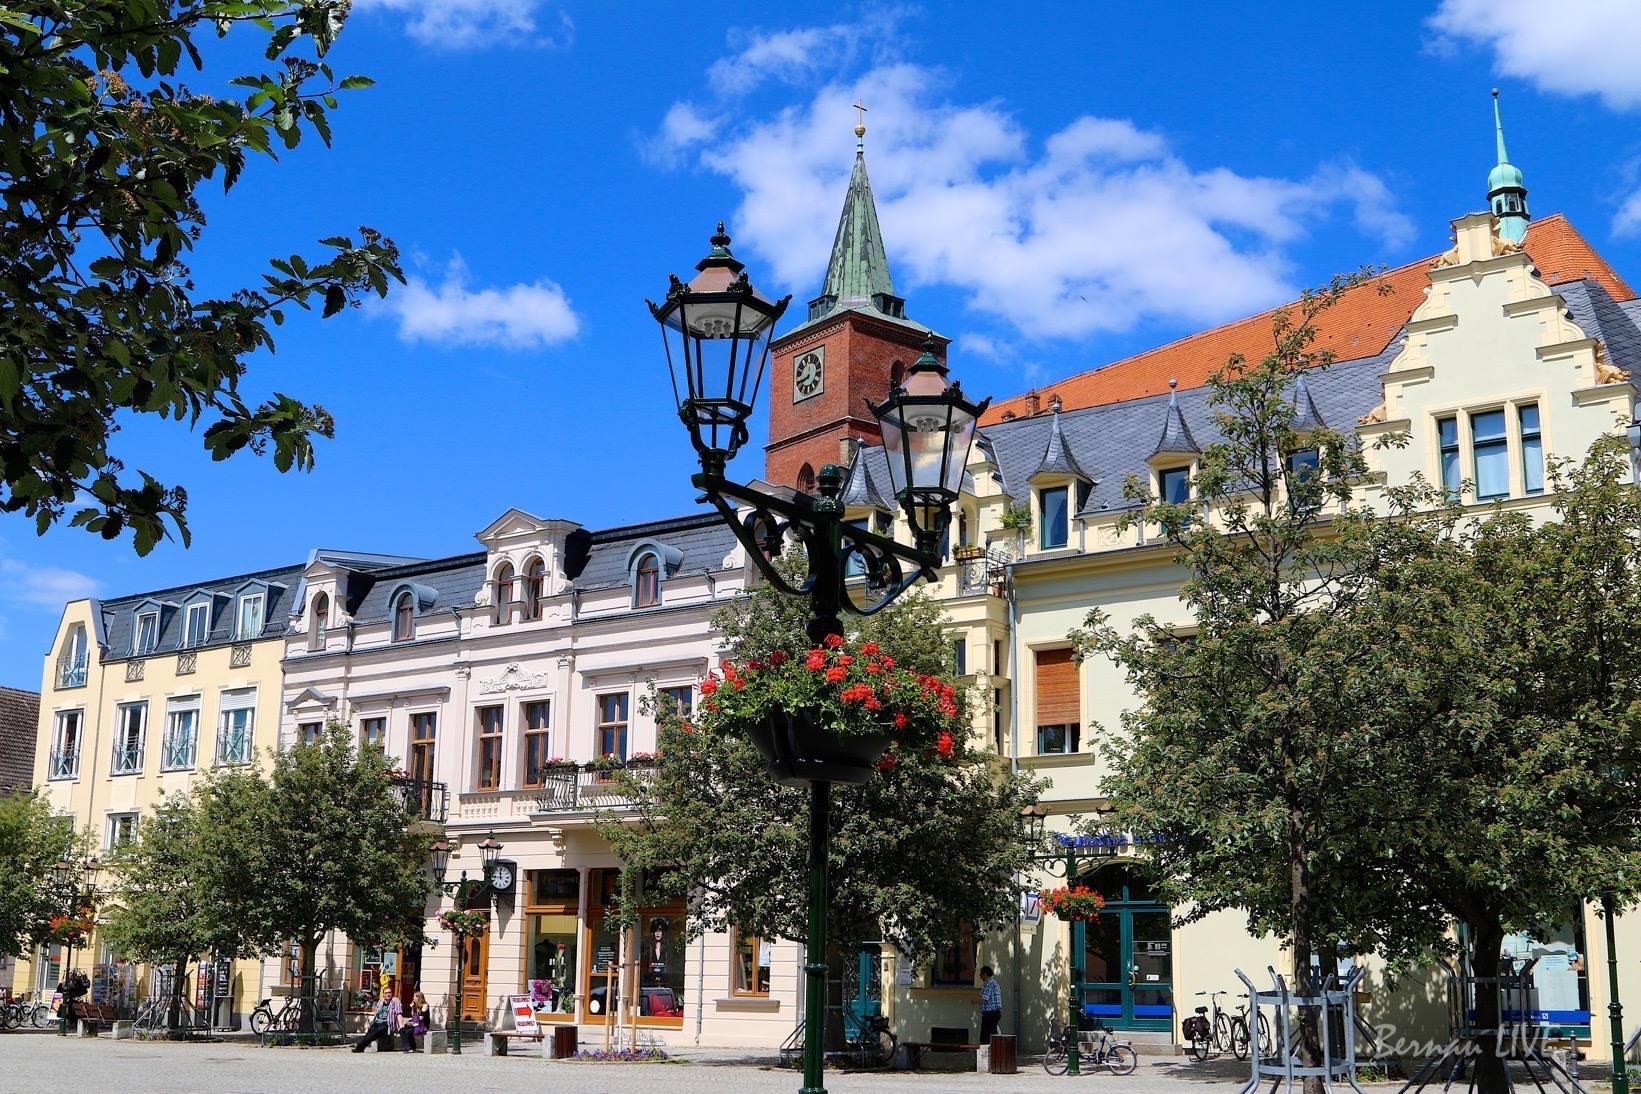 Sommer in der Stadt, Guten Morgen, Bernau und Drumherum